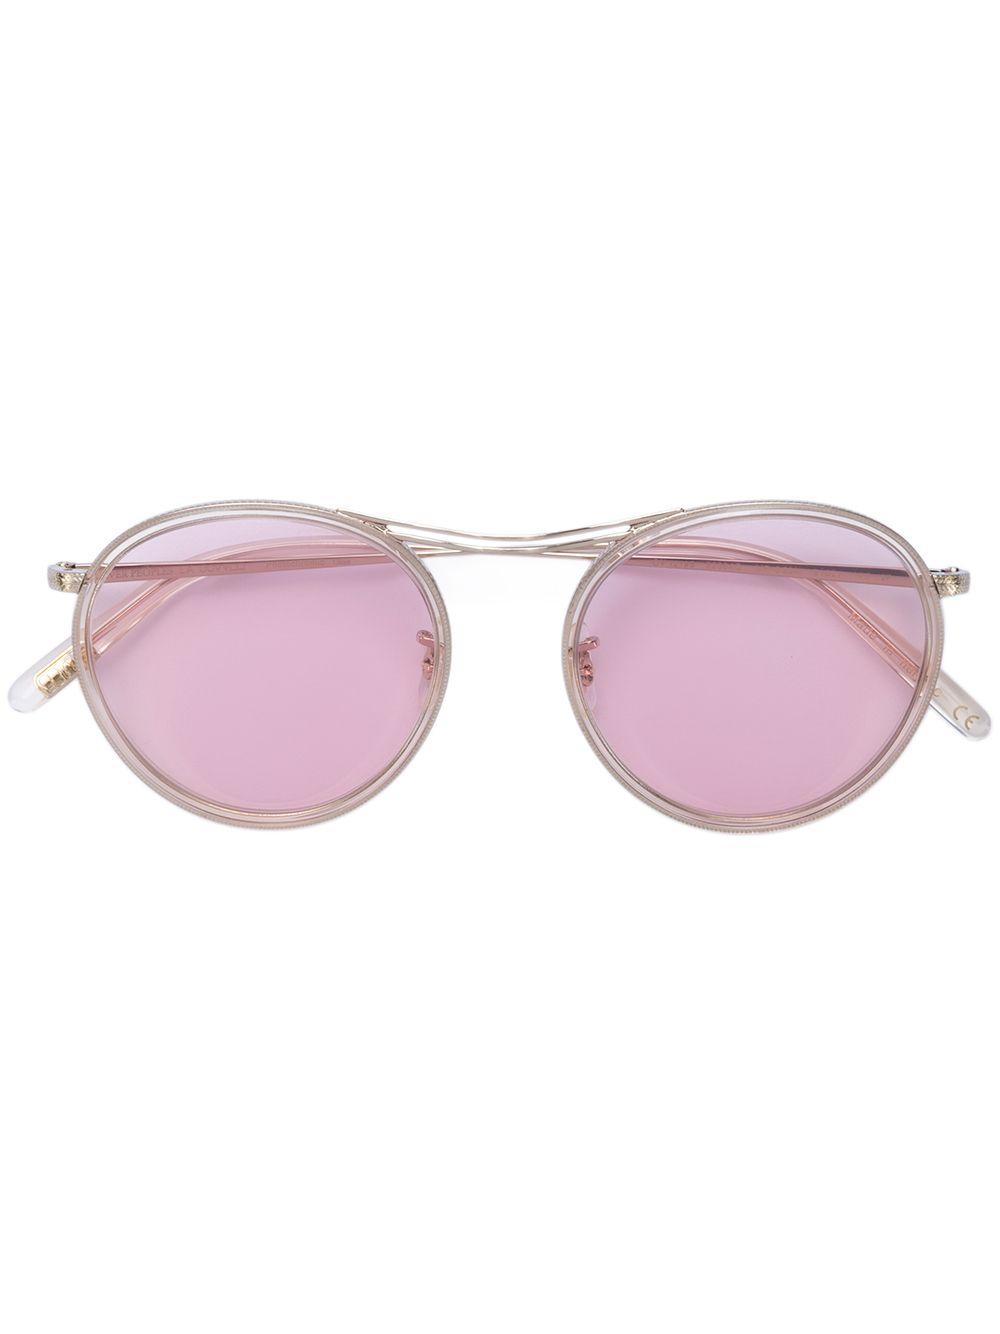 Oliver Peoples | солнцезащитные очки 'MP-3' в круглой оправе | Clouty